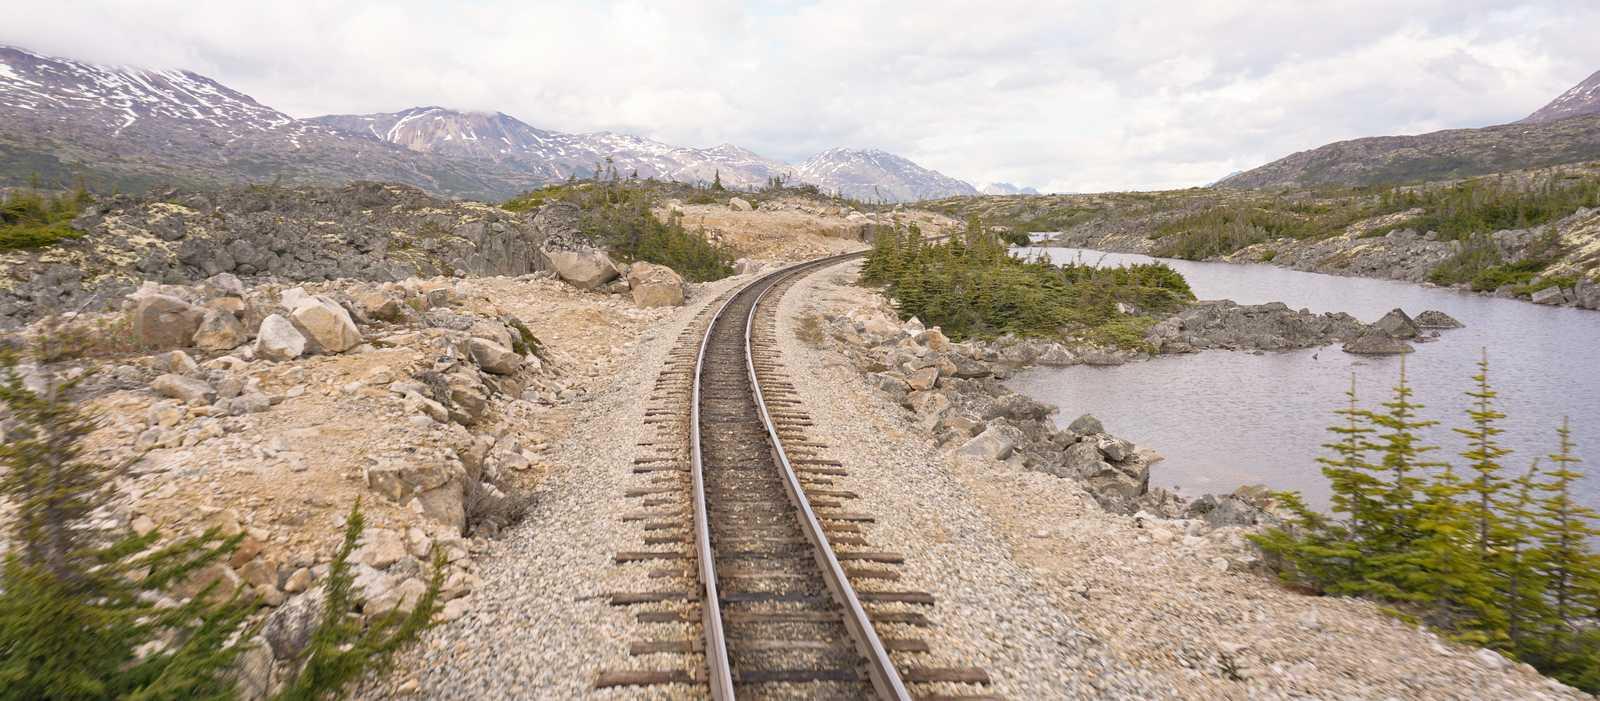 Streckenabschnitt auf der White Pass & Yukon Route